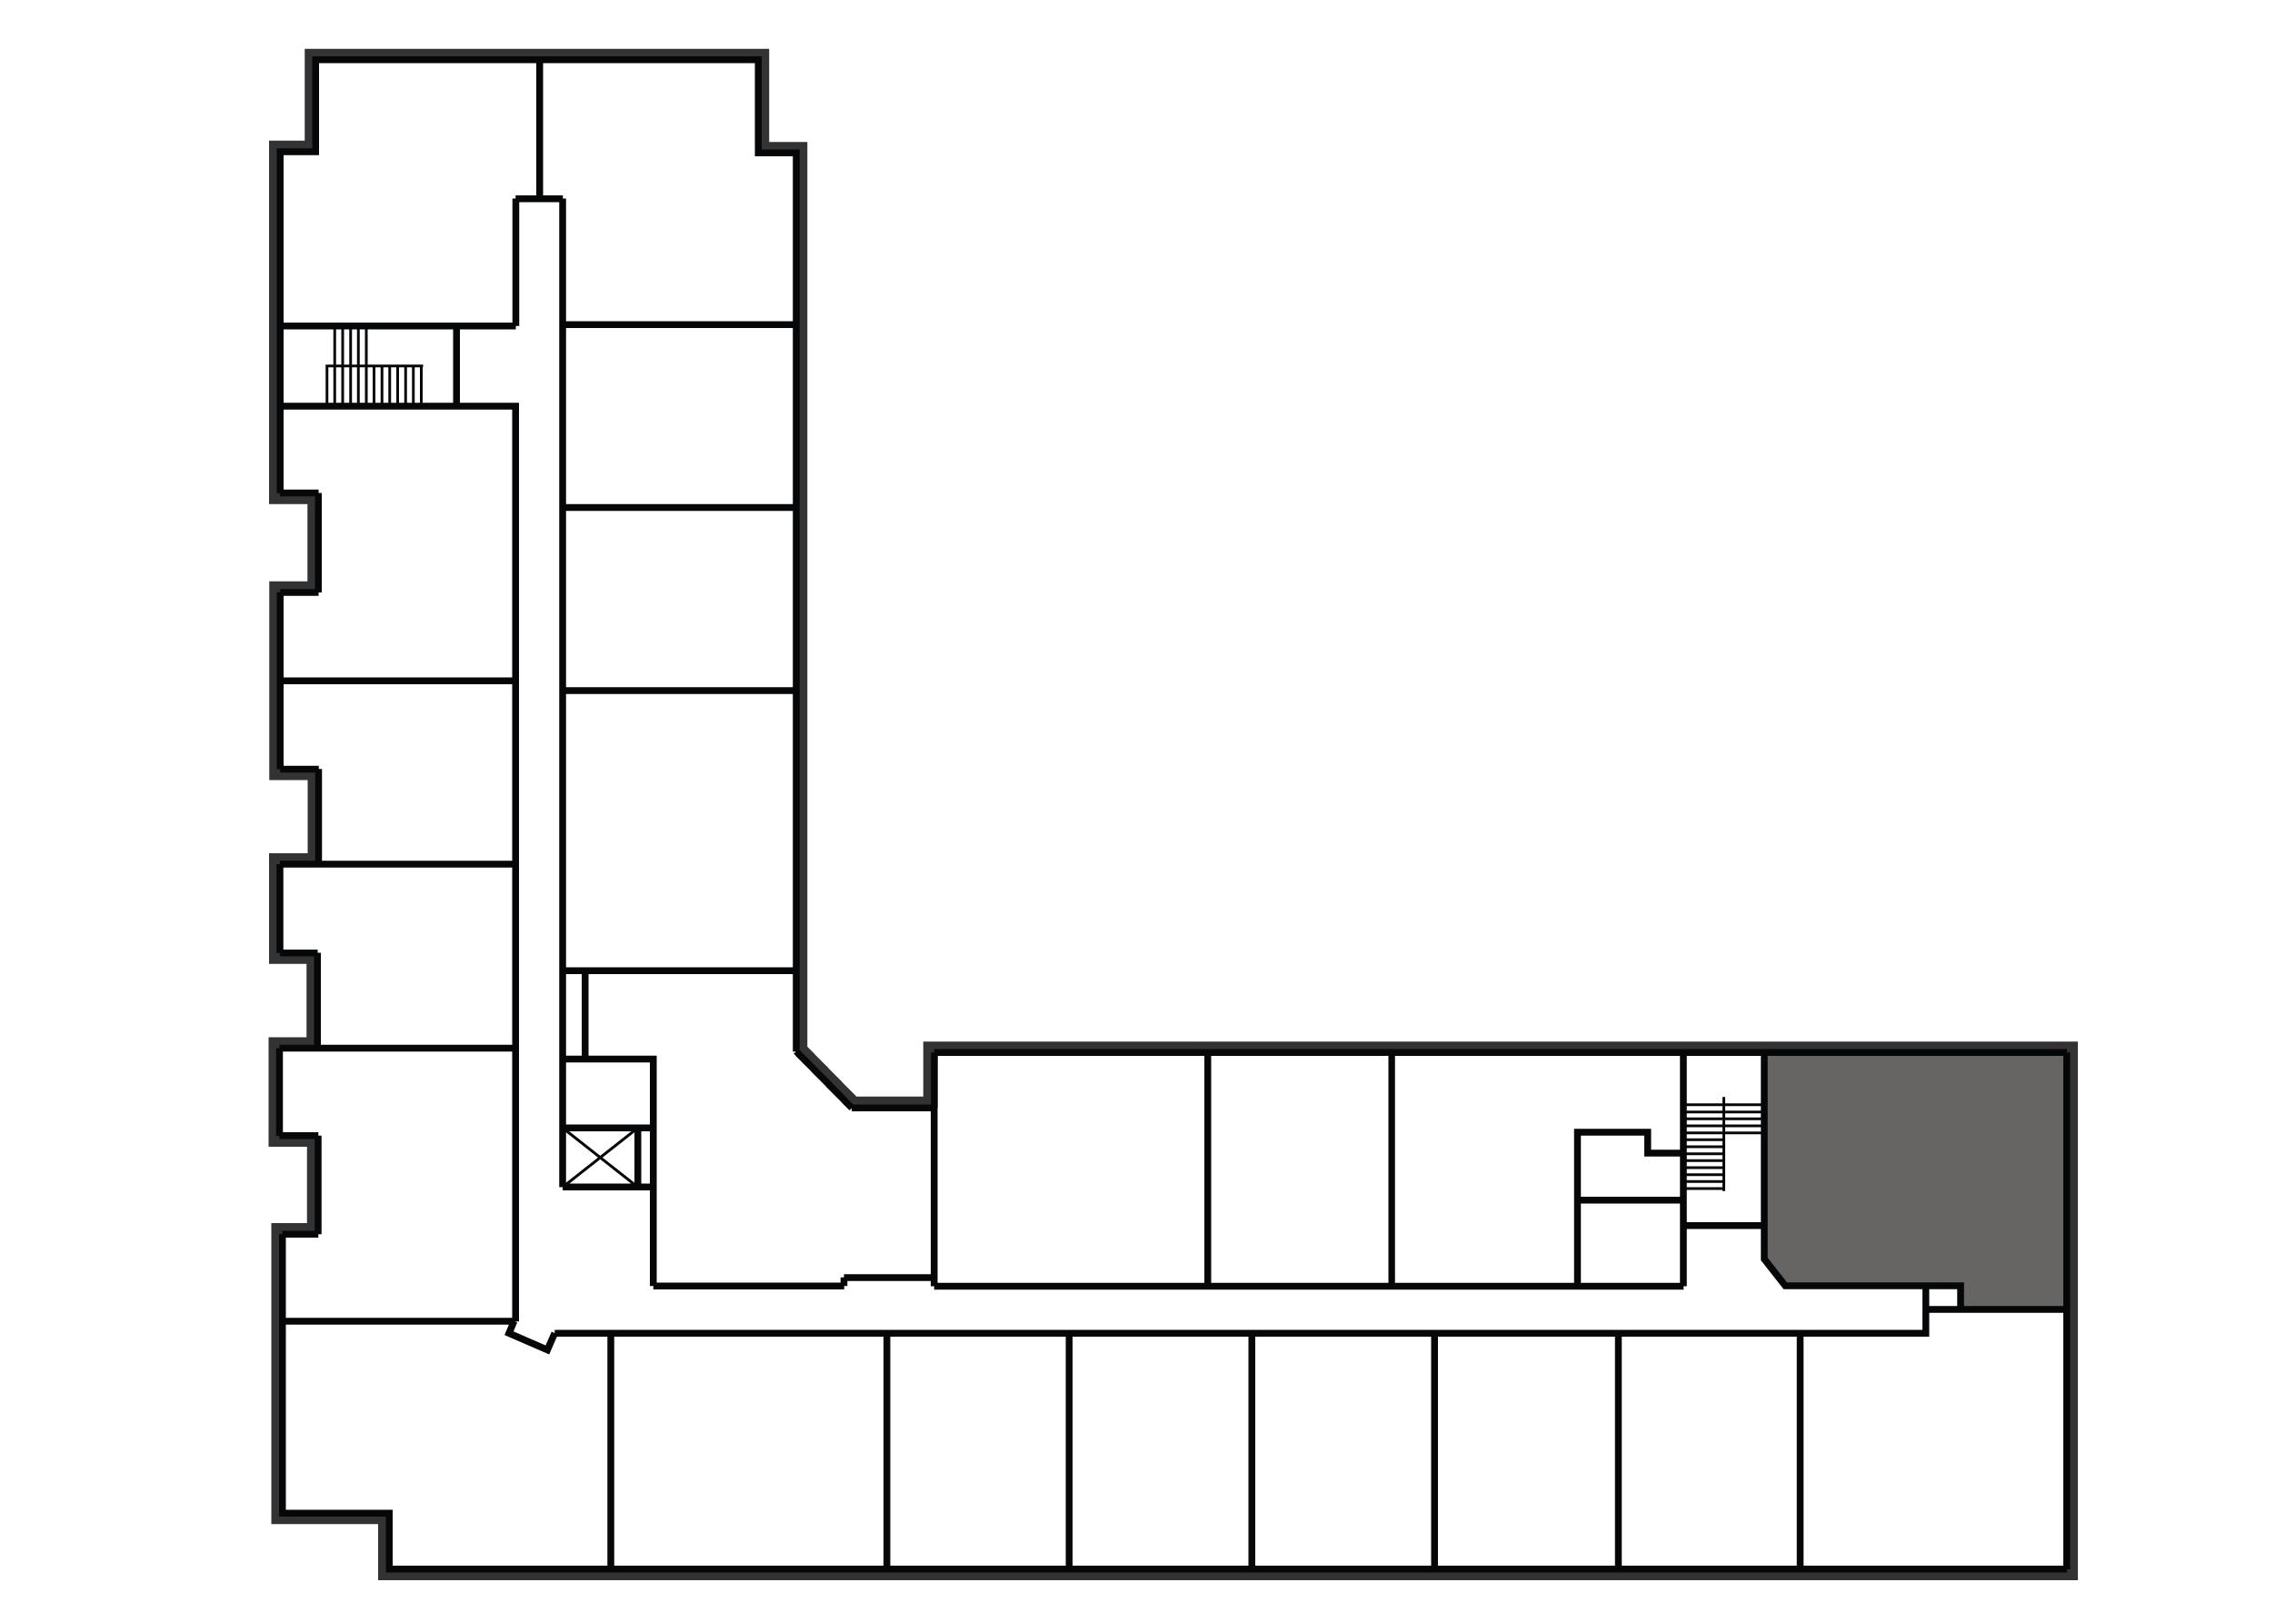 Unit 2220 keyplan